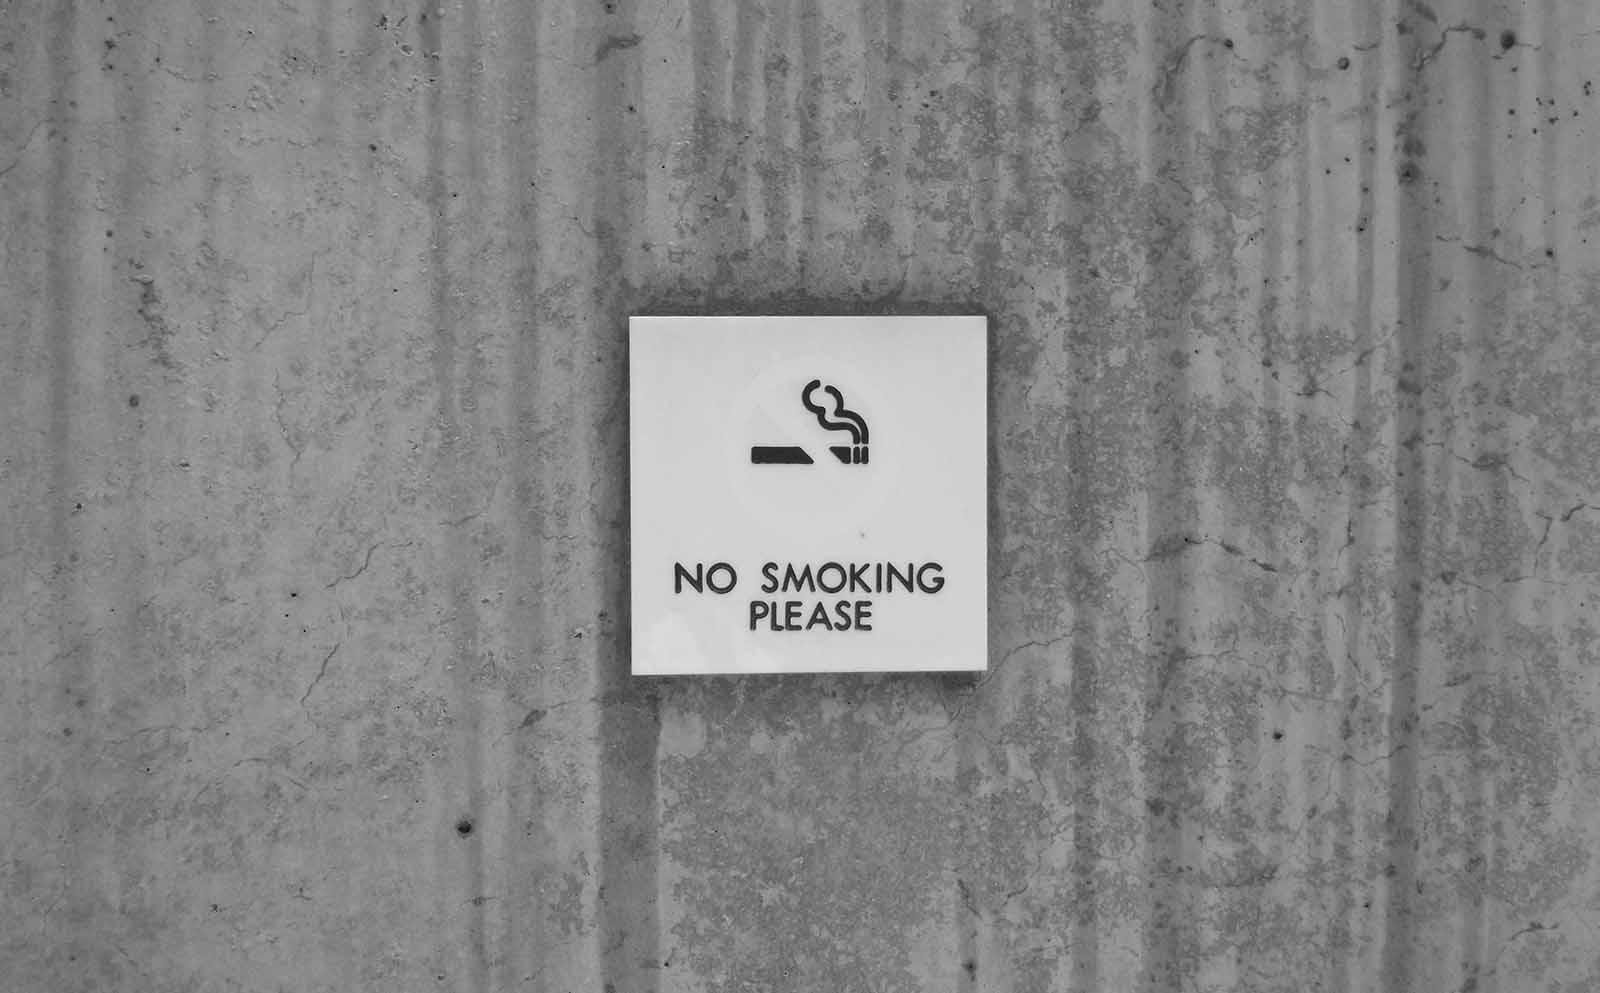 Atascadero Smoking Ordinance